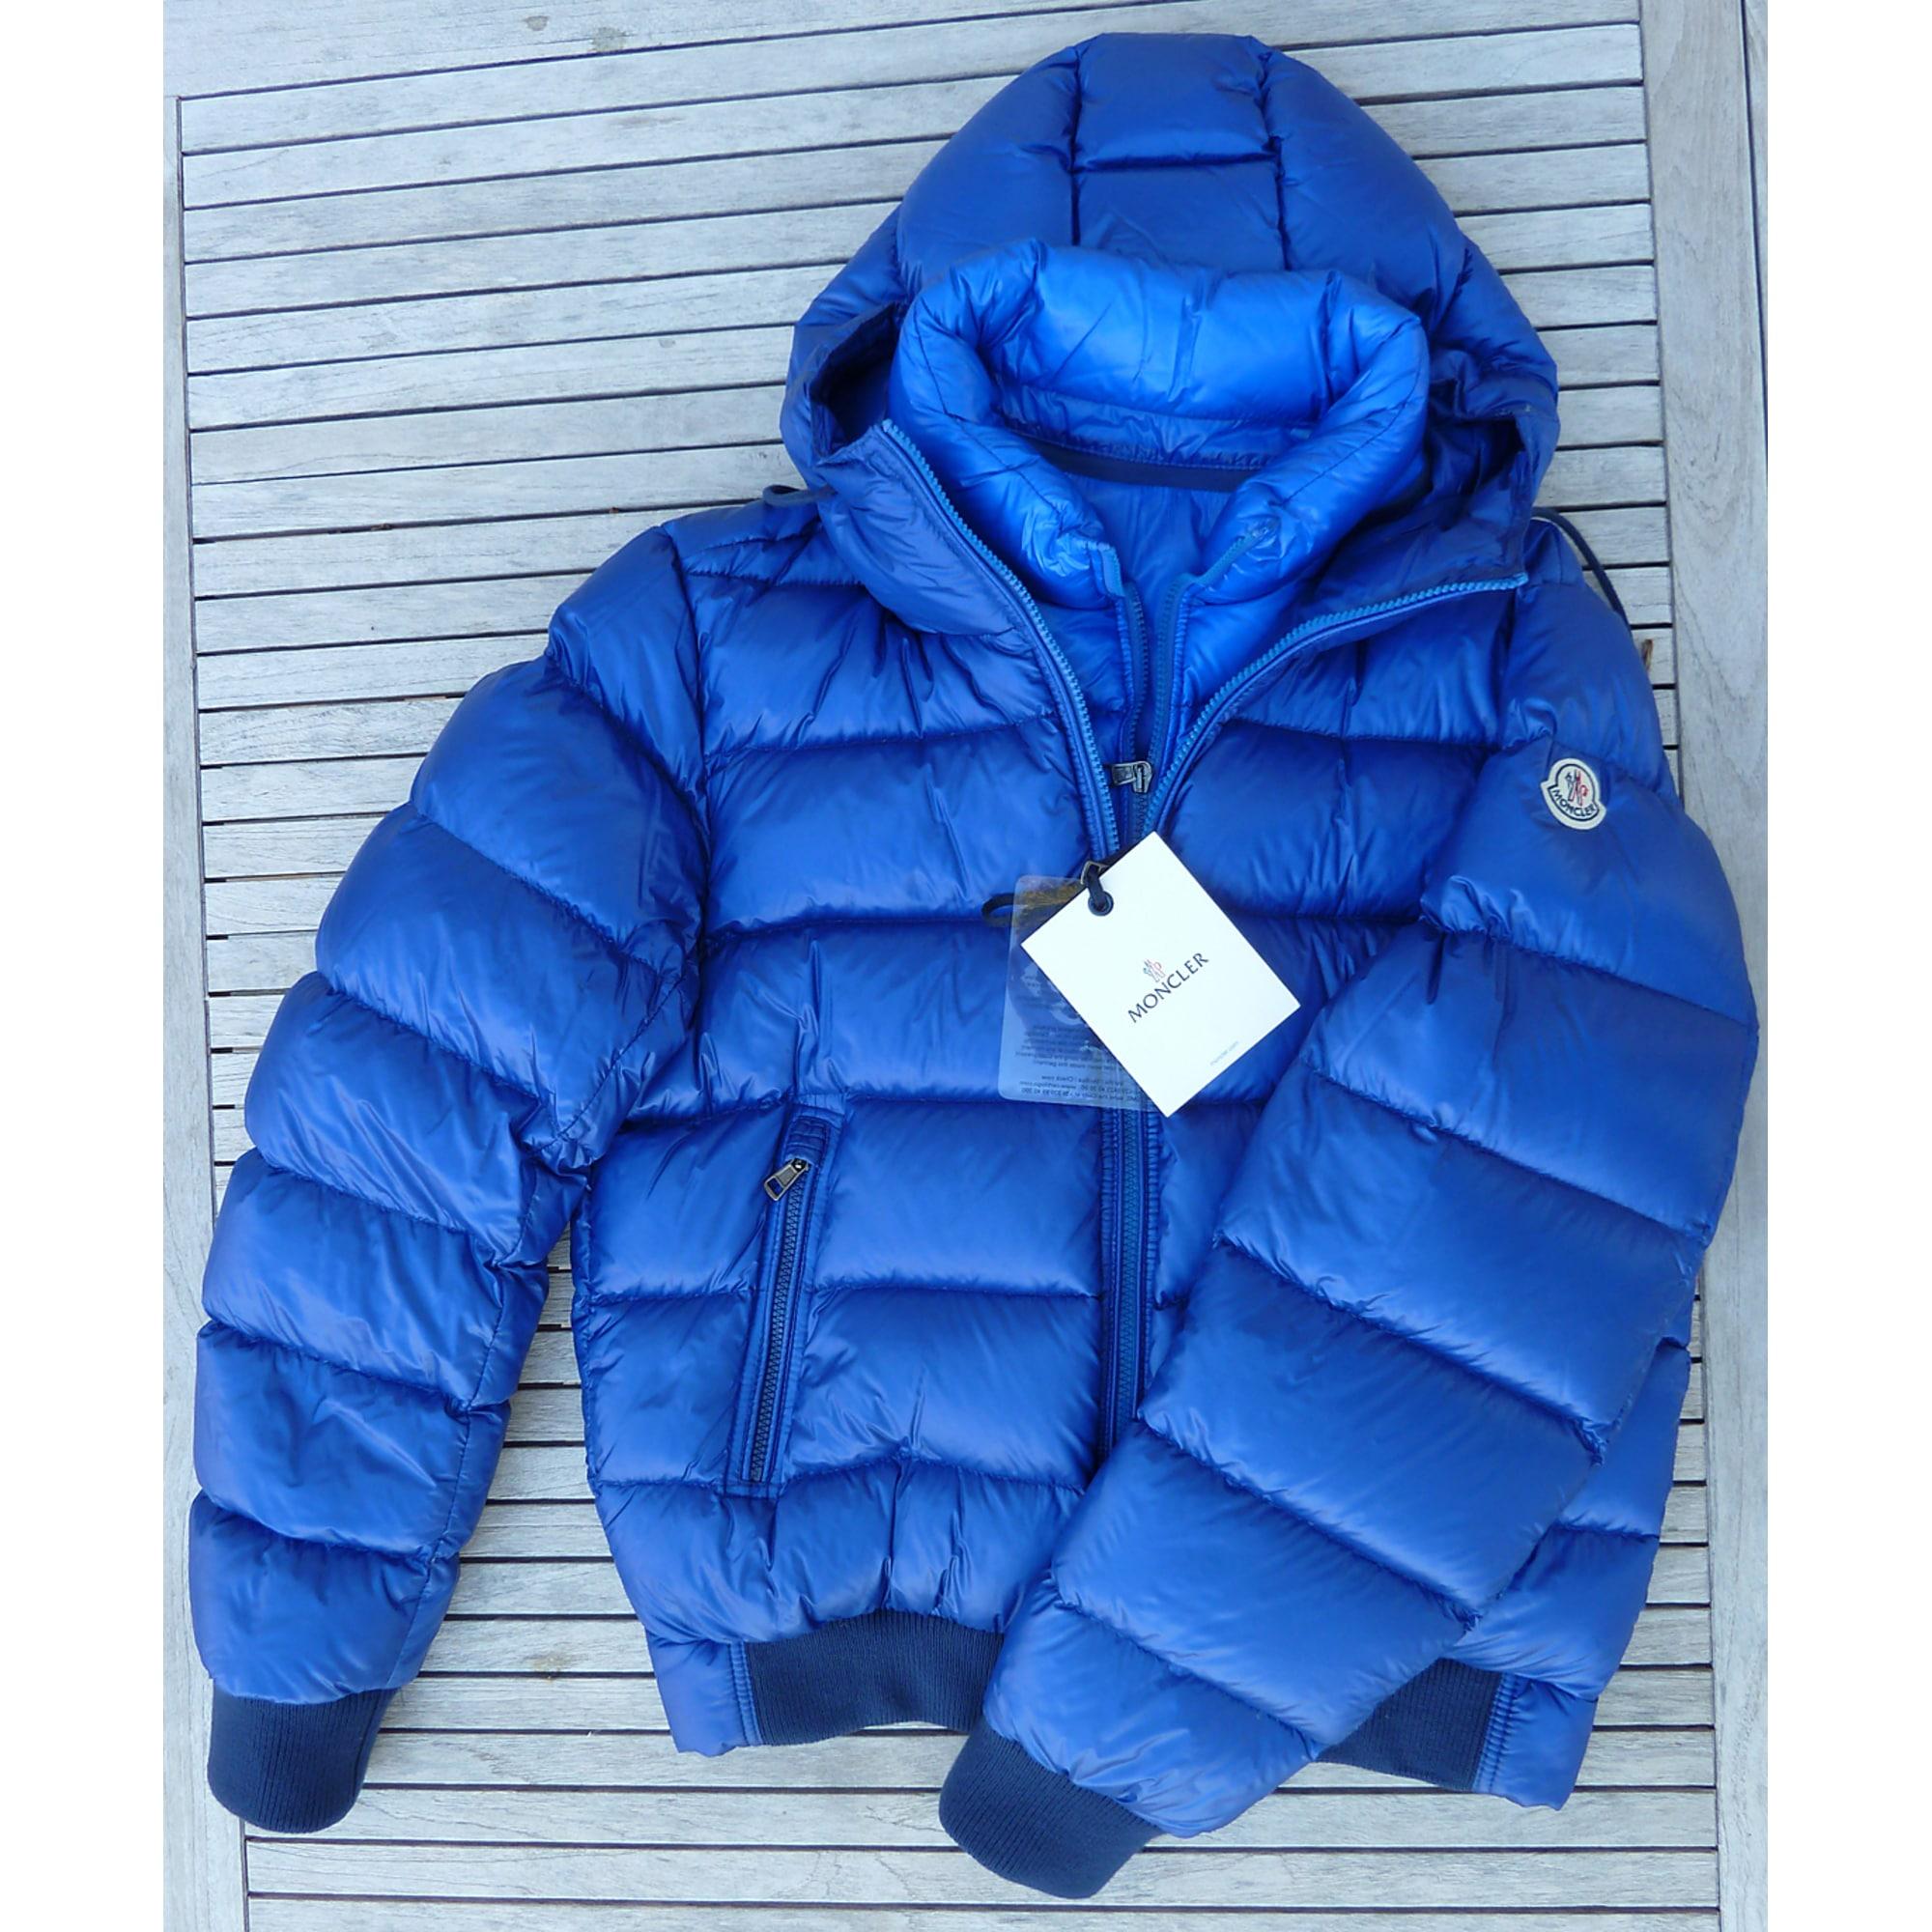 Doudoune MONCLER 54 (L) bleu vendu par Jocelyn2